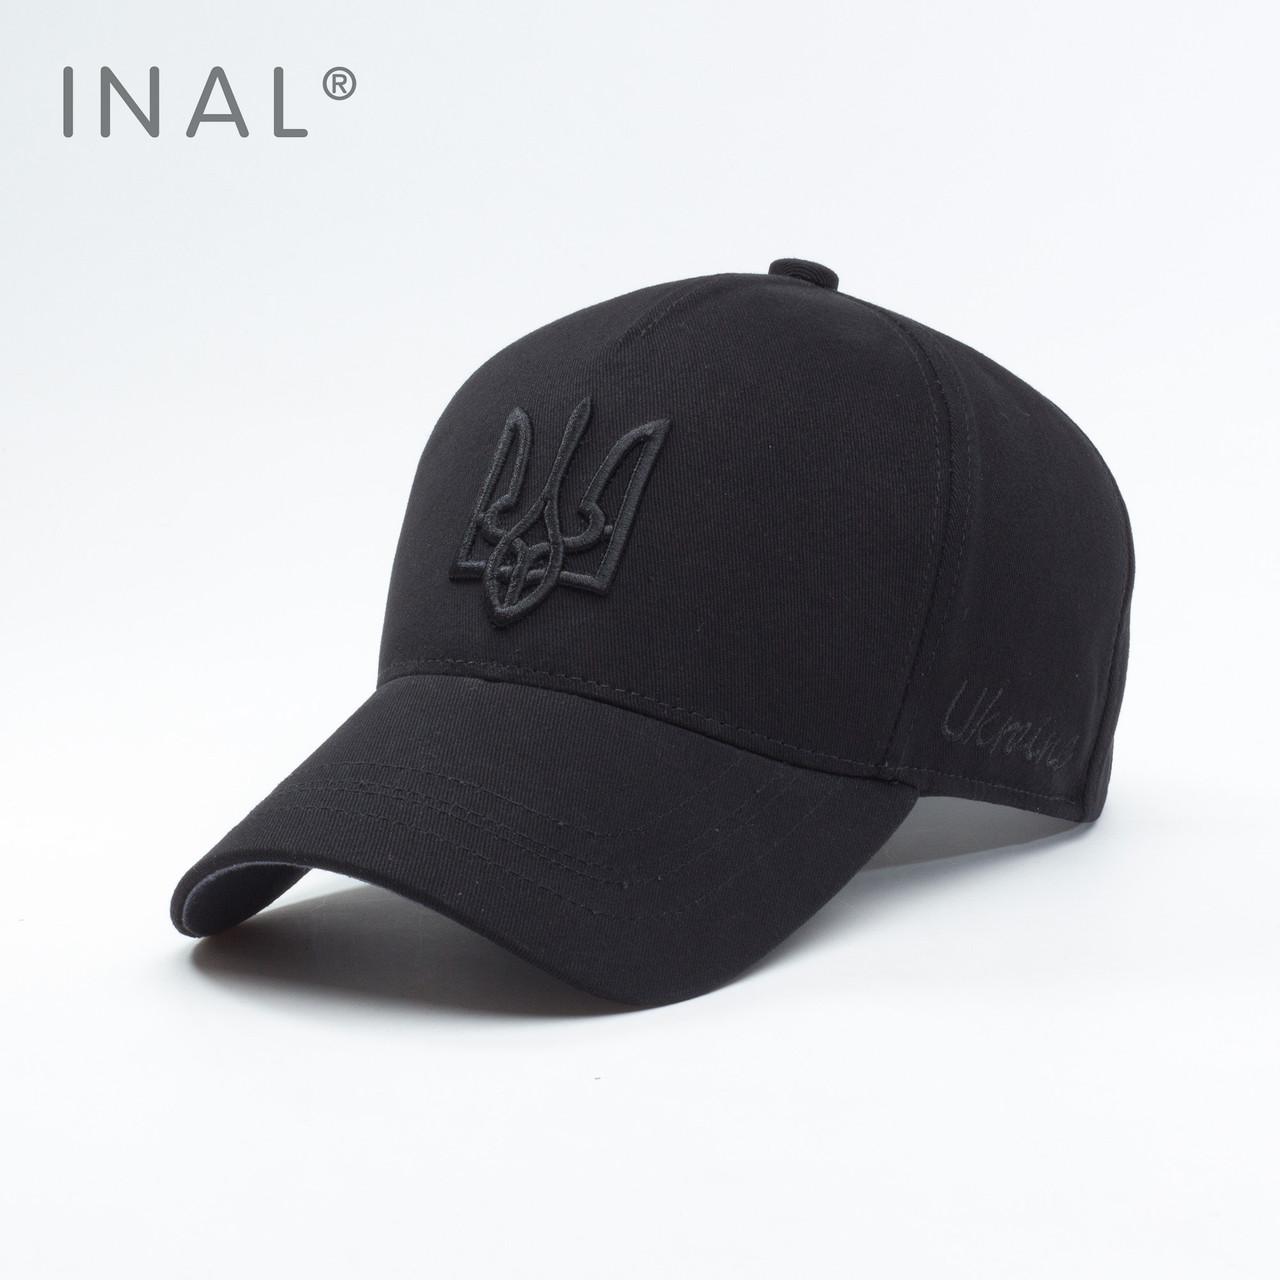 Кепка бейсболка, Ukraine, L / 57-58 RU, Хлопок, Черный, Inal